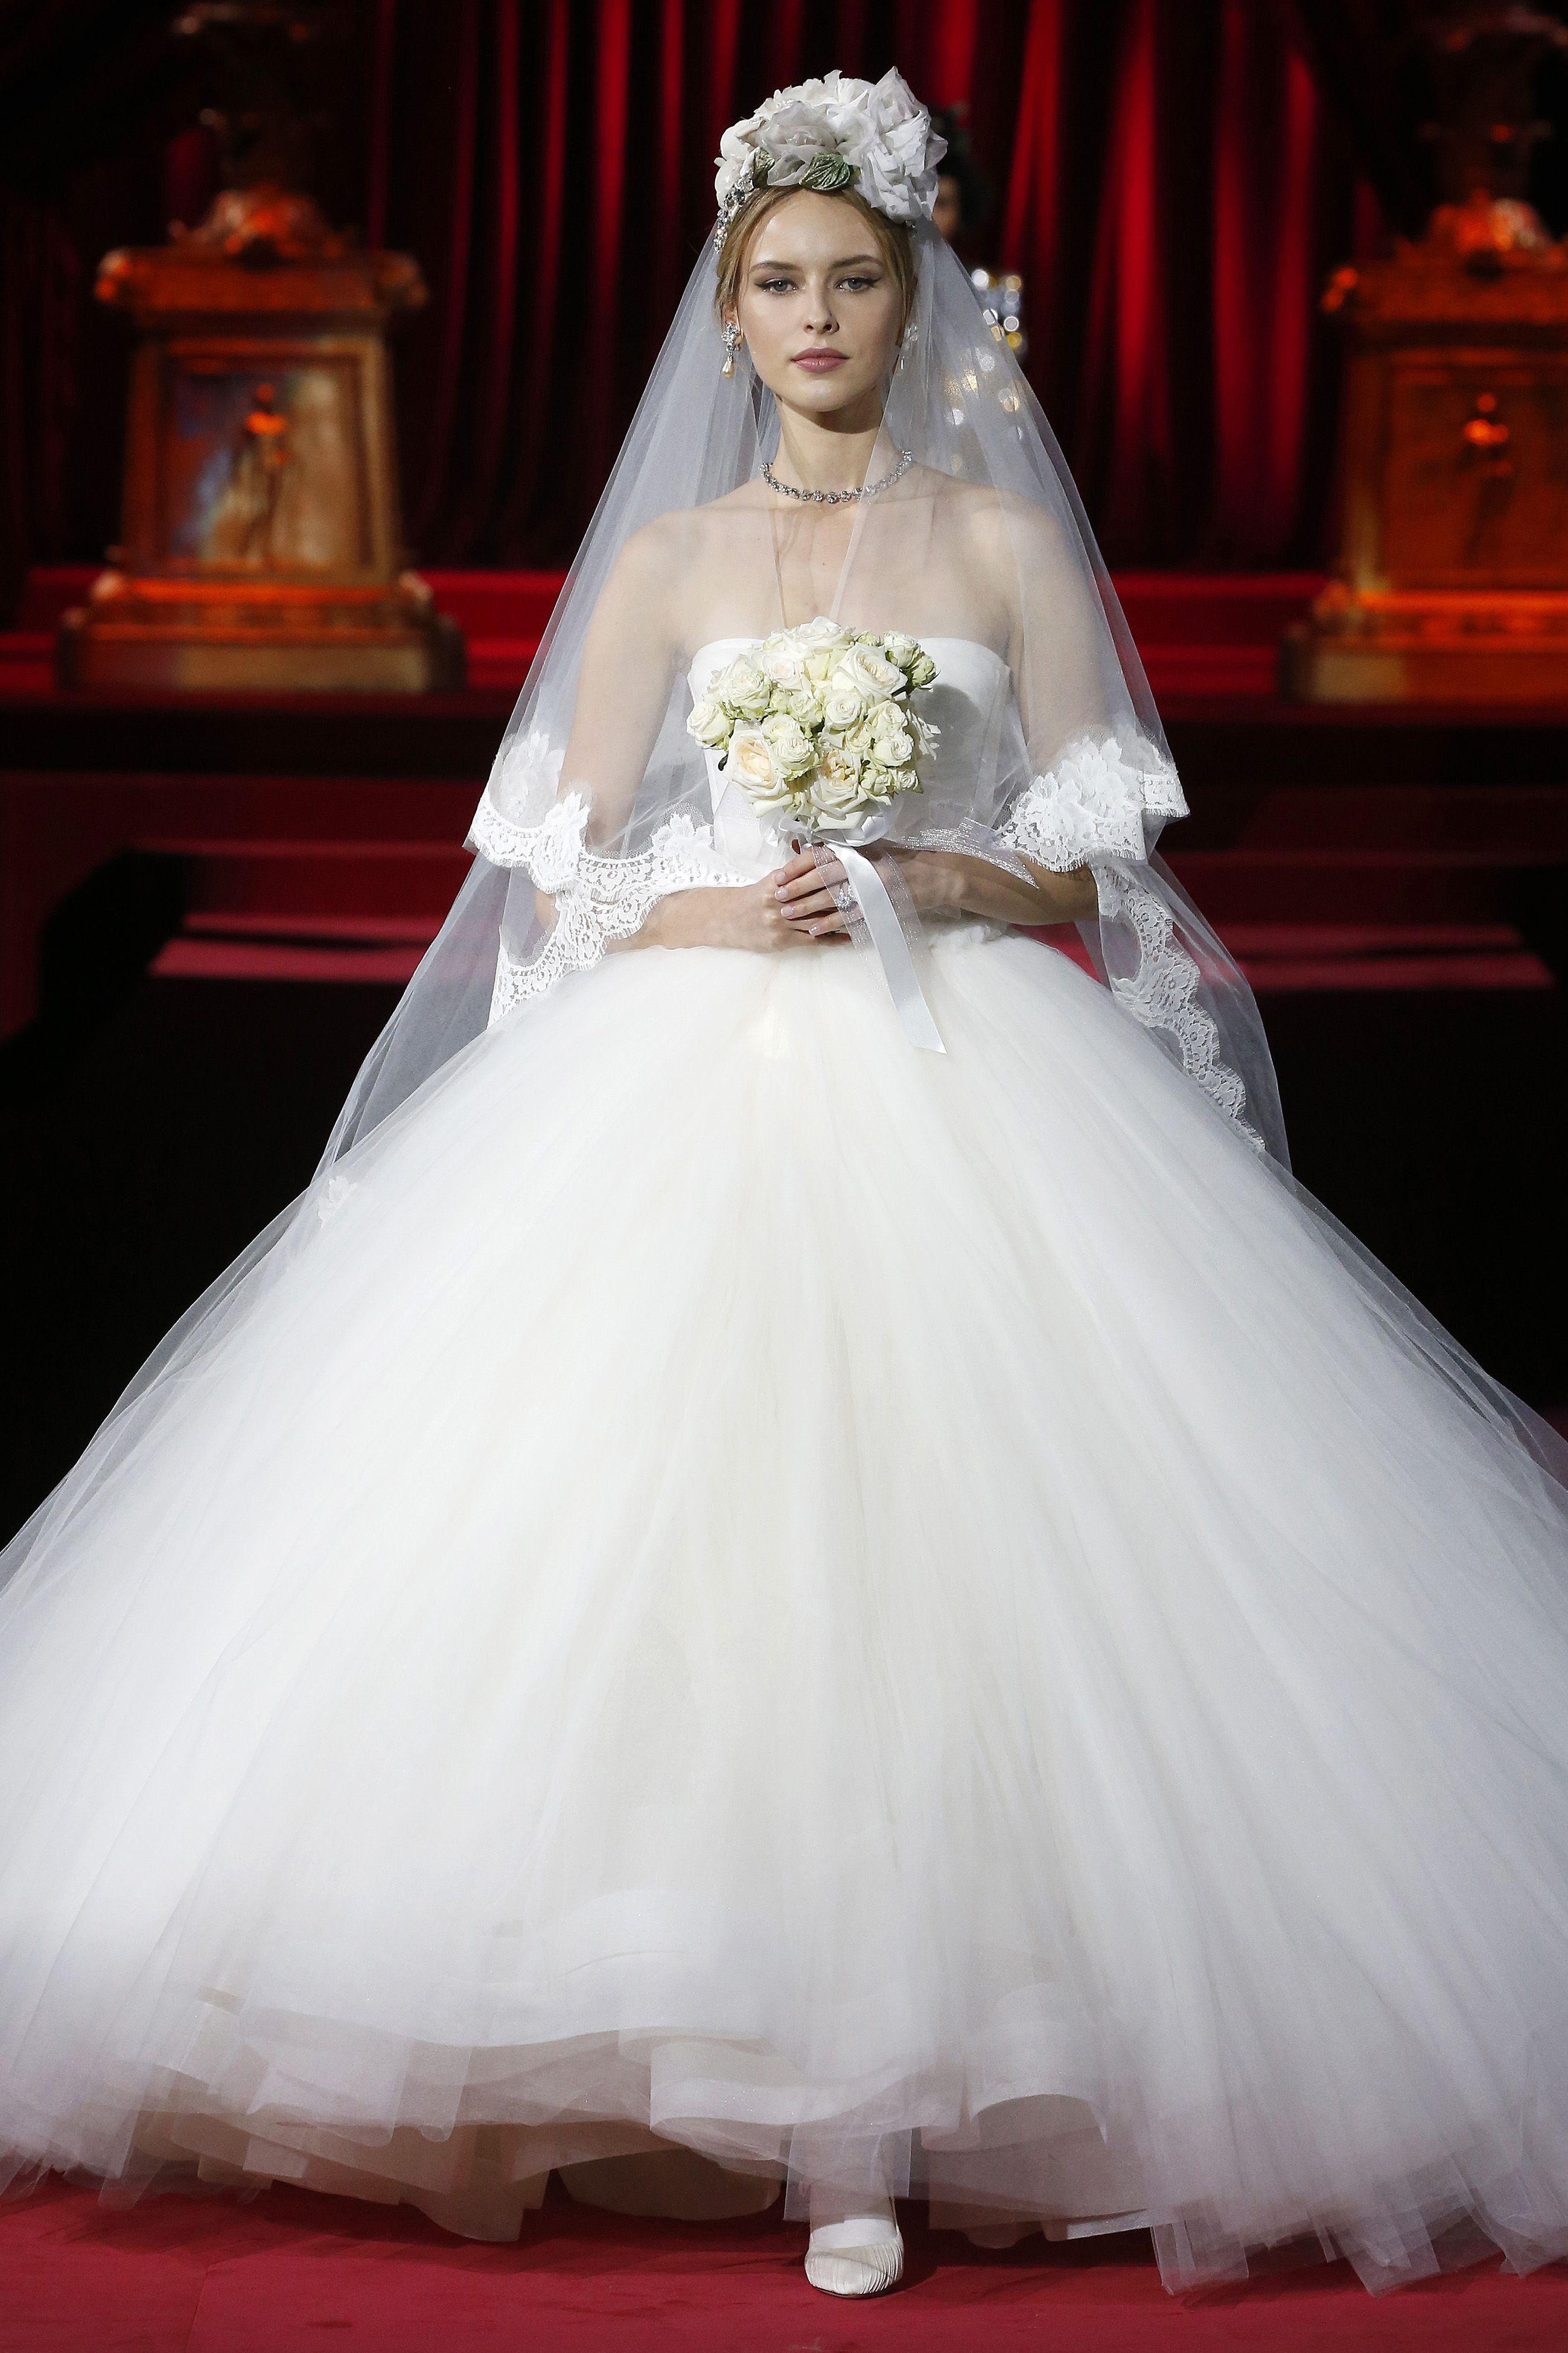 Vestiti Da Sposa Dolce E Gabbana.I Vestiti Da Sposa 2019 Di Dolce Gabbana Sono L Omaggio Ad